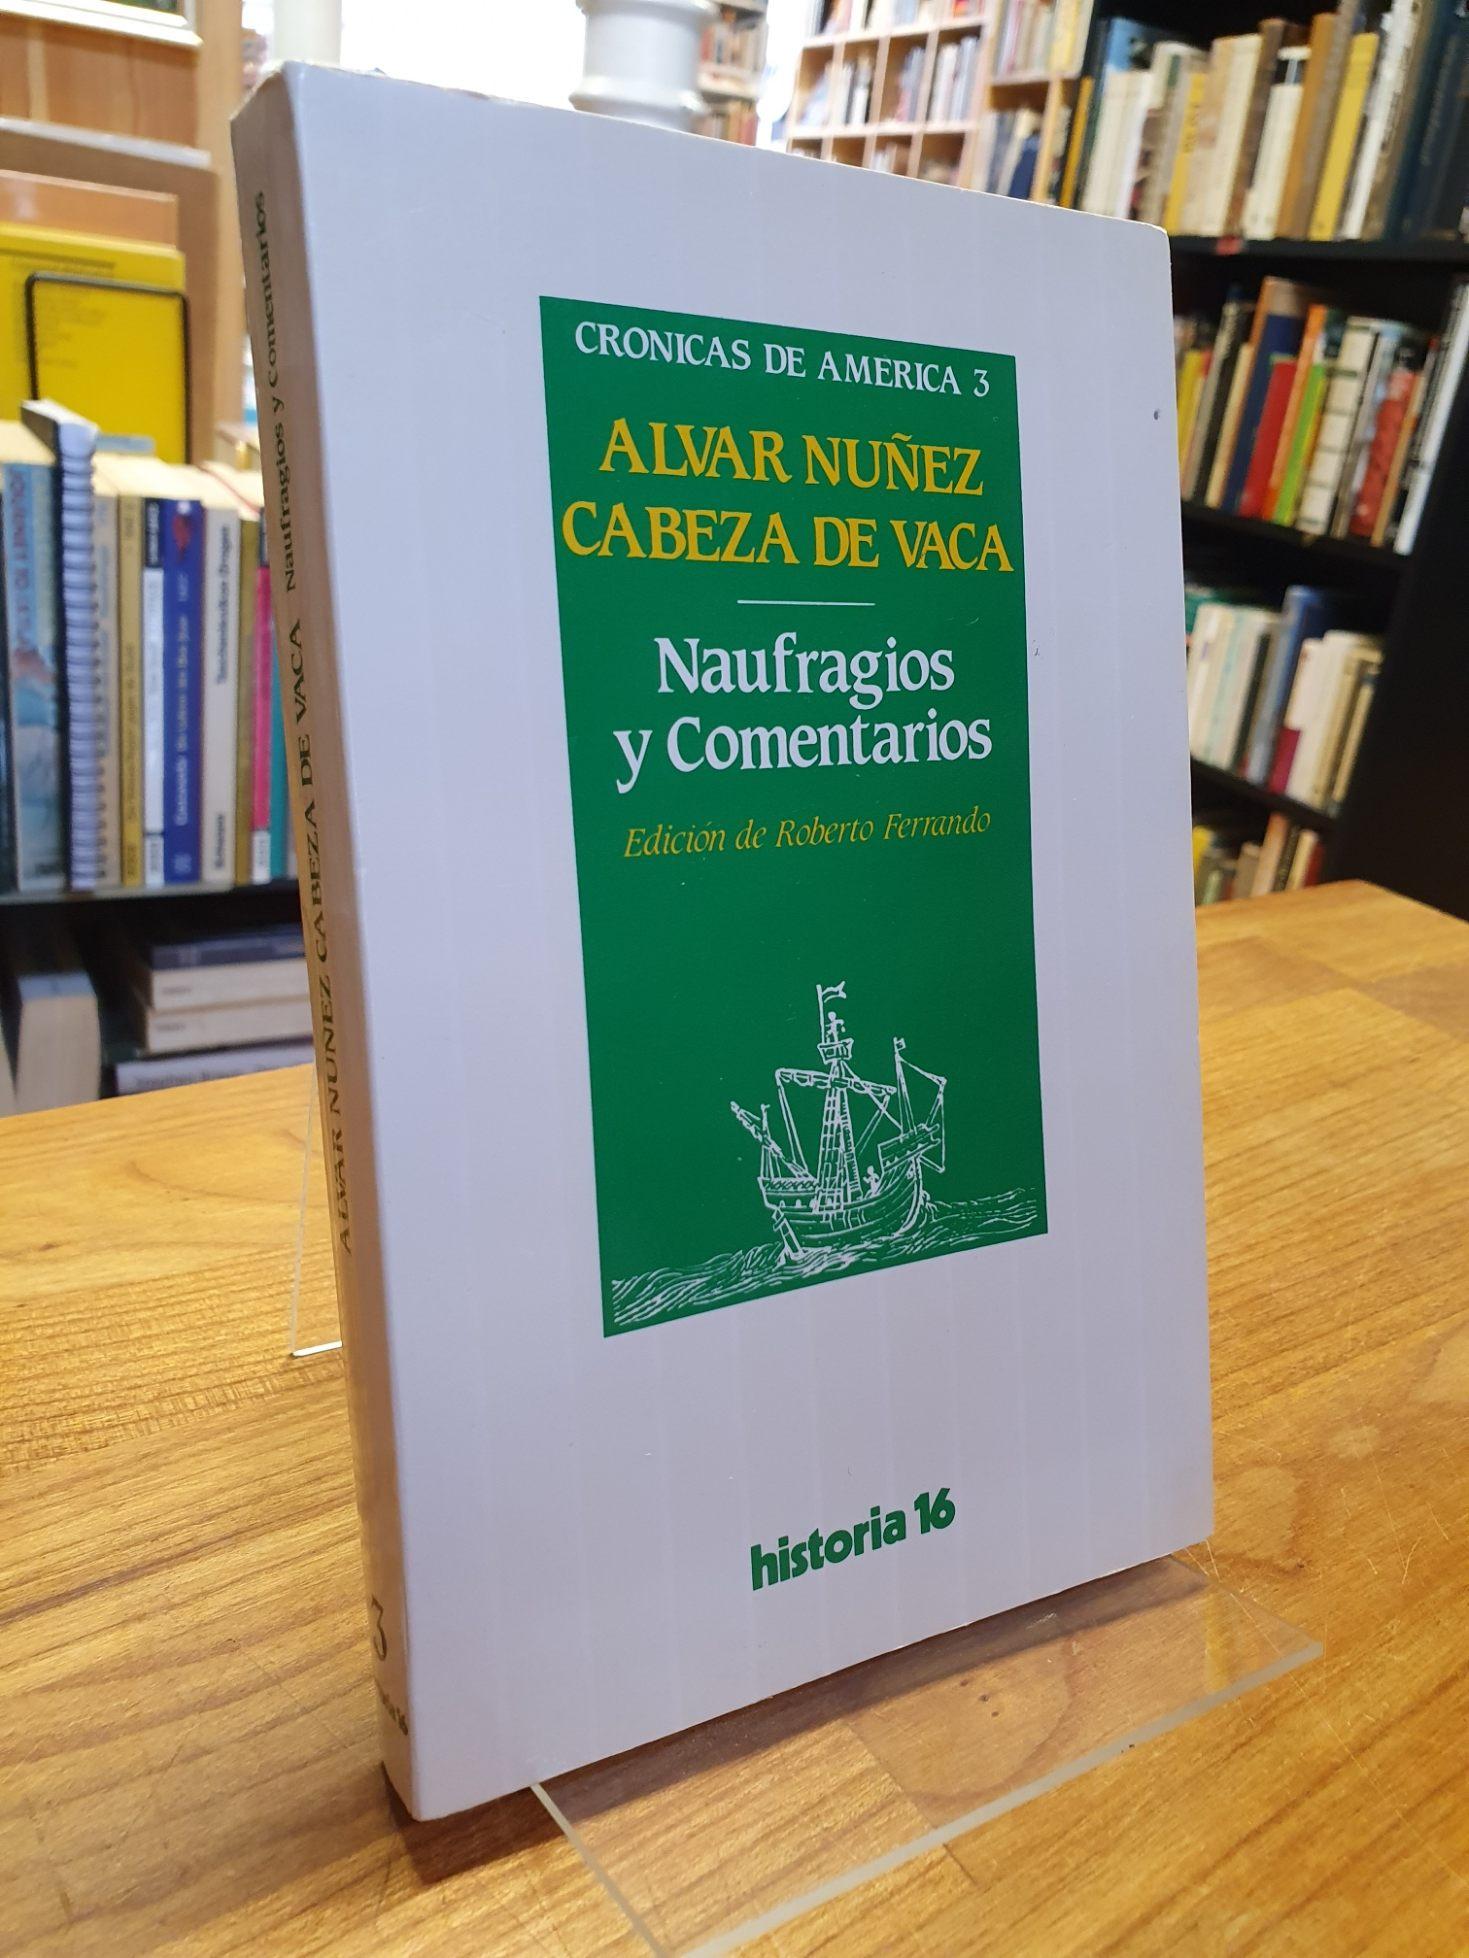 Naufragios y Comentarios, mit einer Einführung und Kommentaren von Roberto Ferrando Perez, - de Vaca, Álvar Núñez Cabeza,